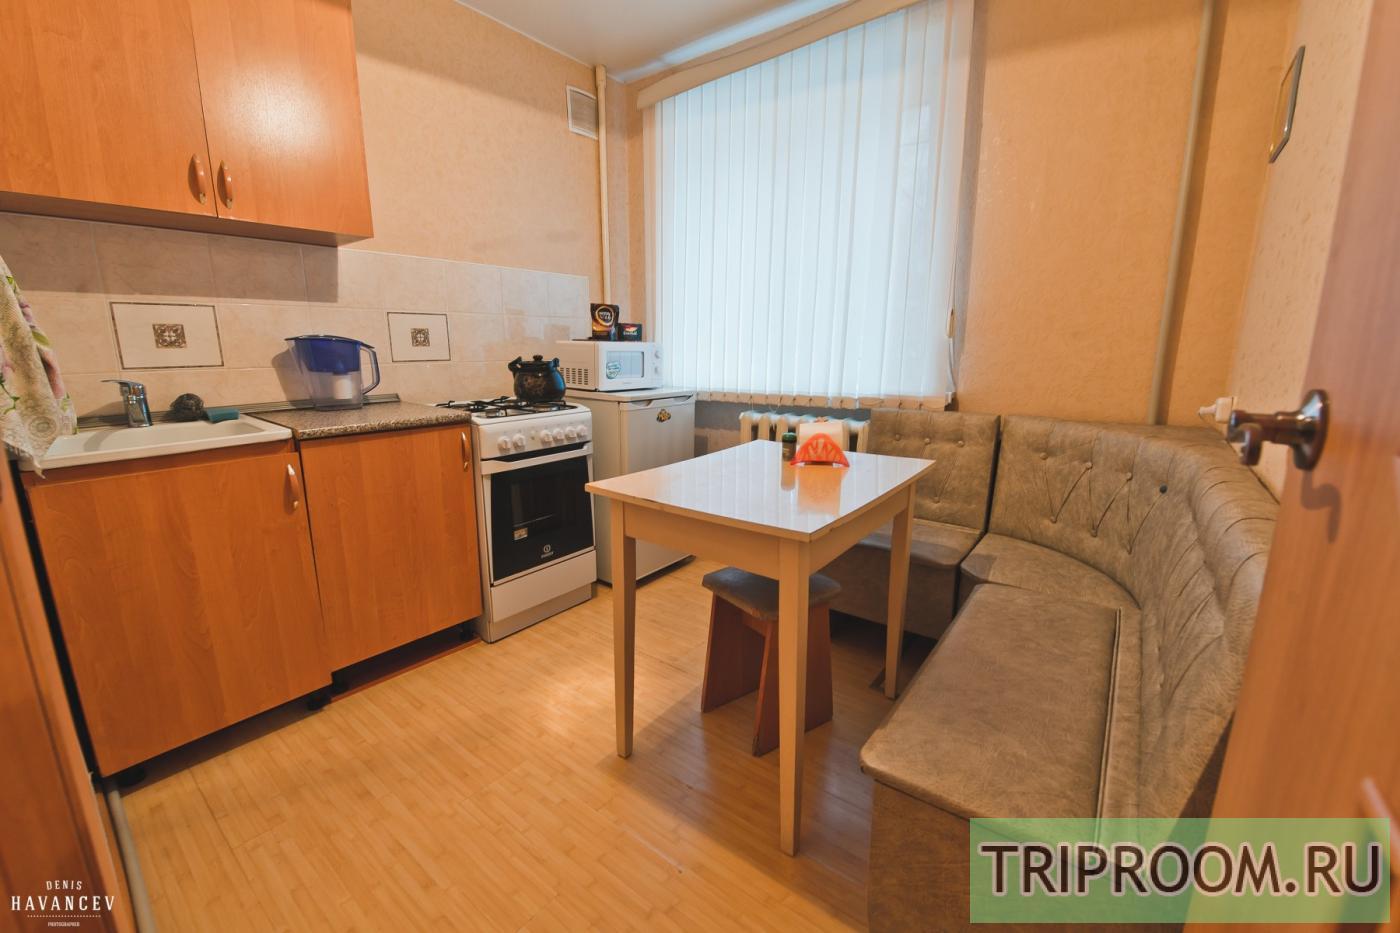 1-комнатная квартира посуточно (вариант № 14829), ул. Космонавтов набережная, фото № 7